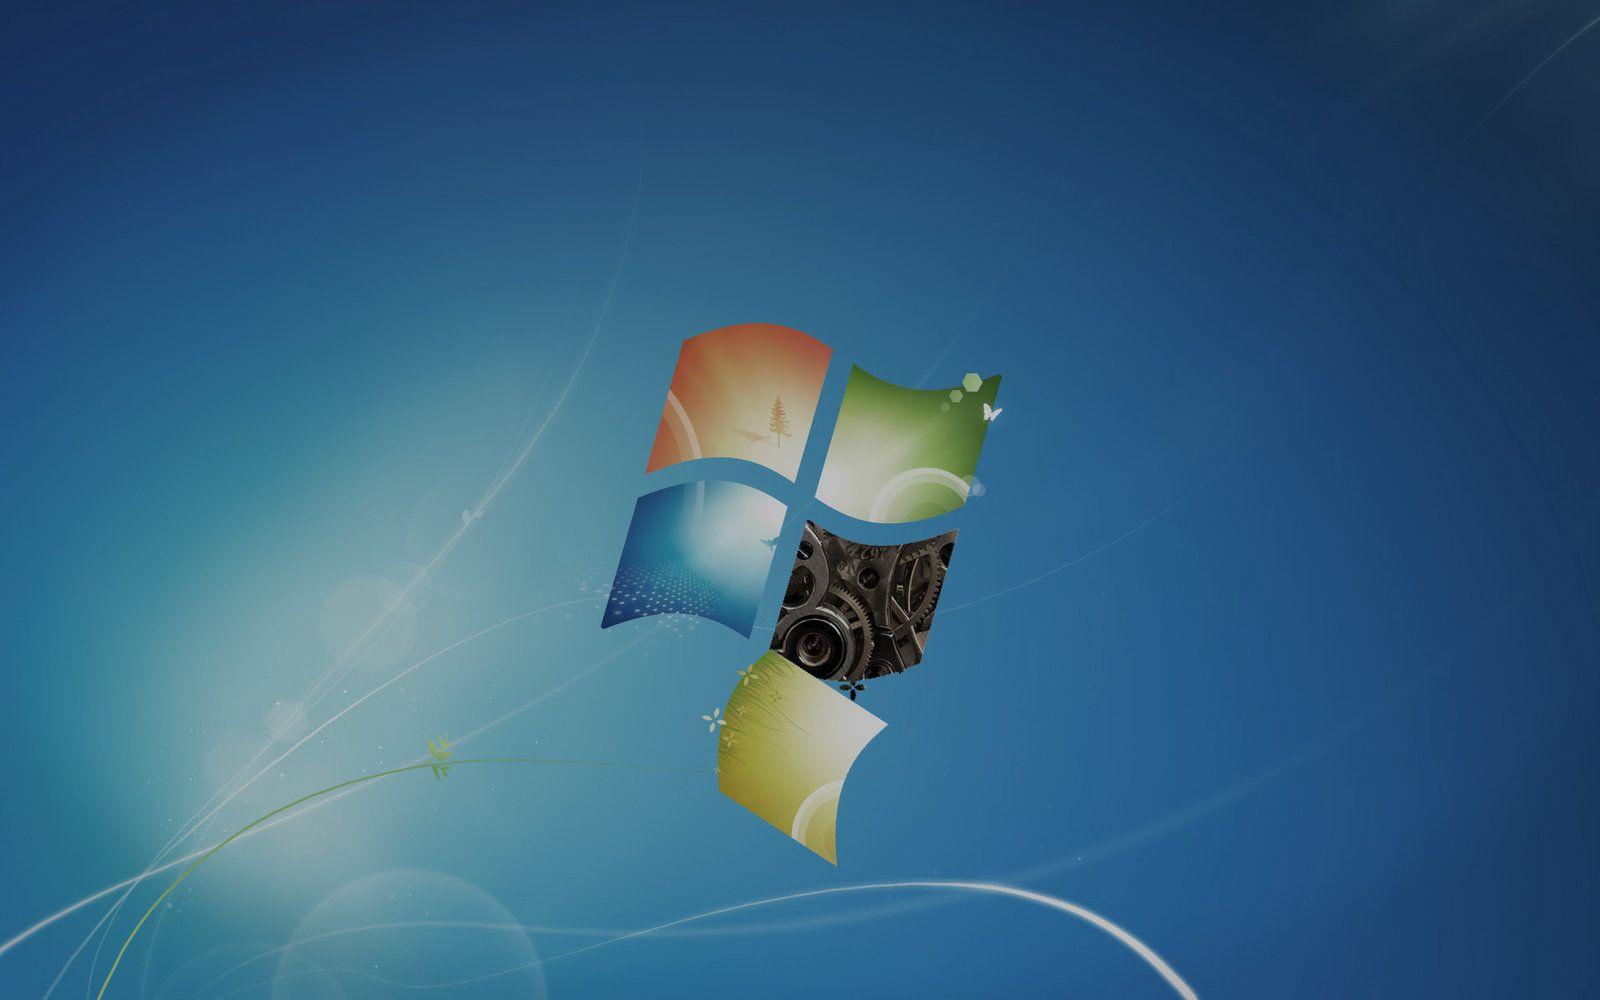 30 Windows 7 Default Wallpaper By Jeltsje Burnyeat GoldWallpapers